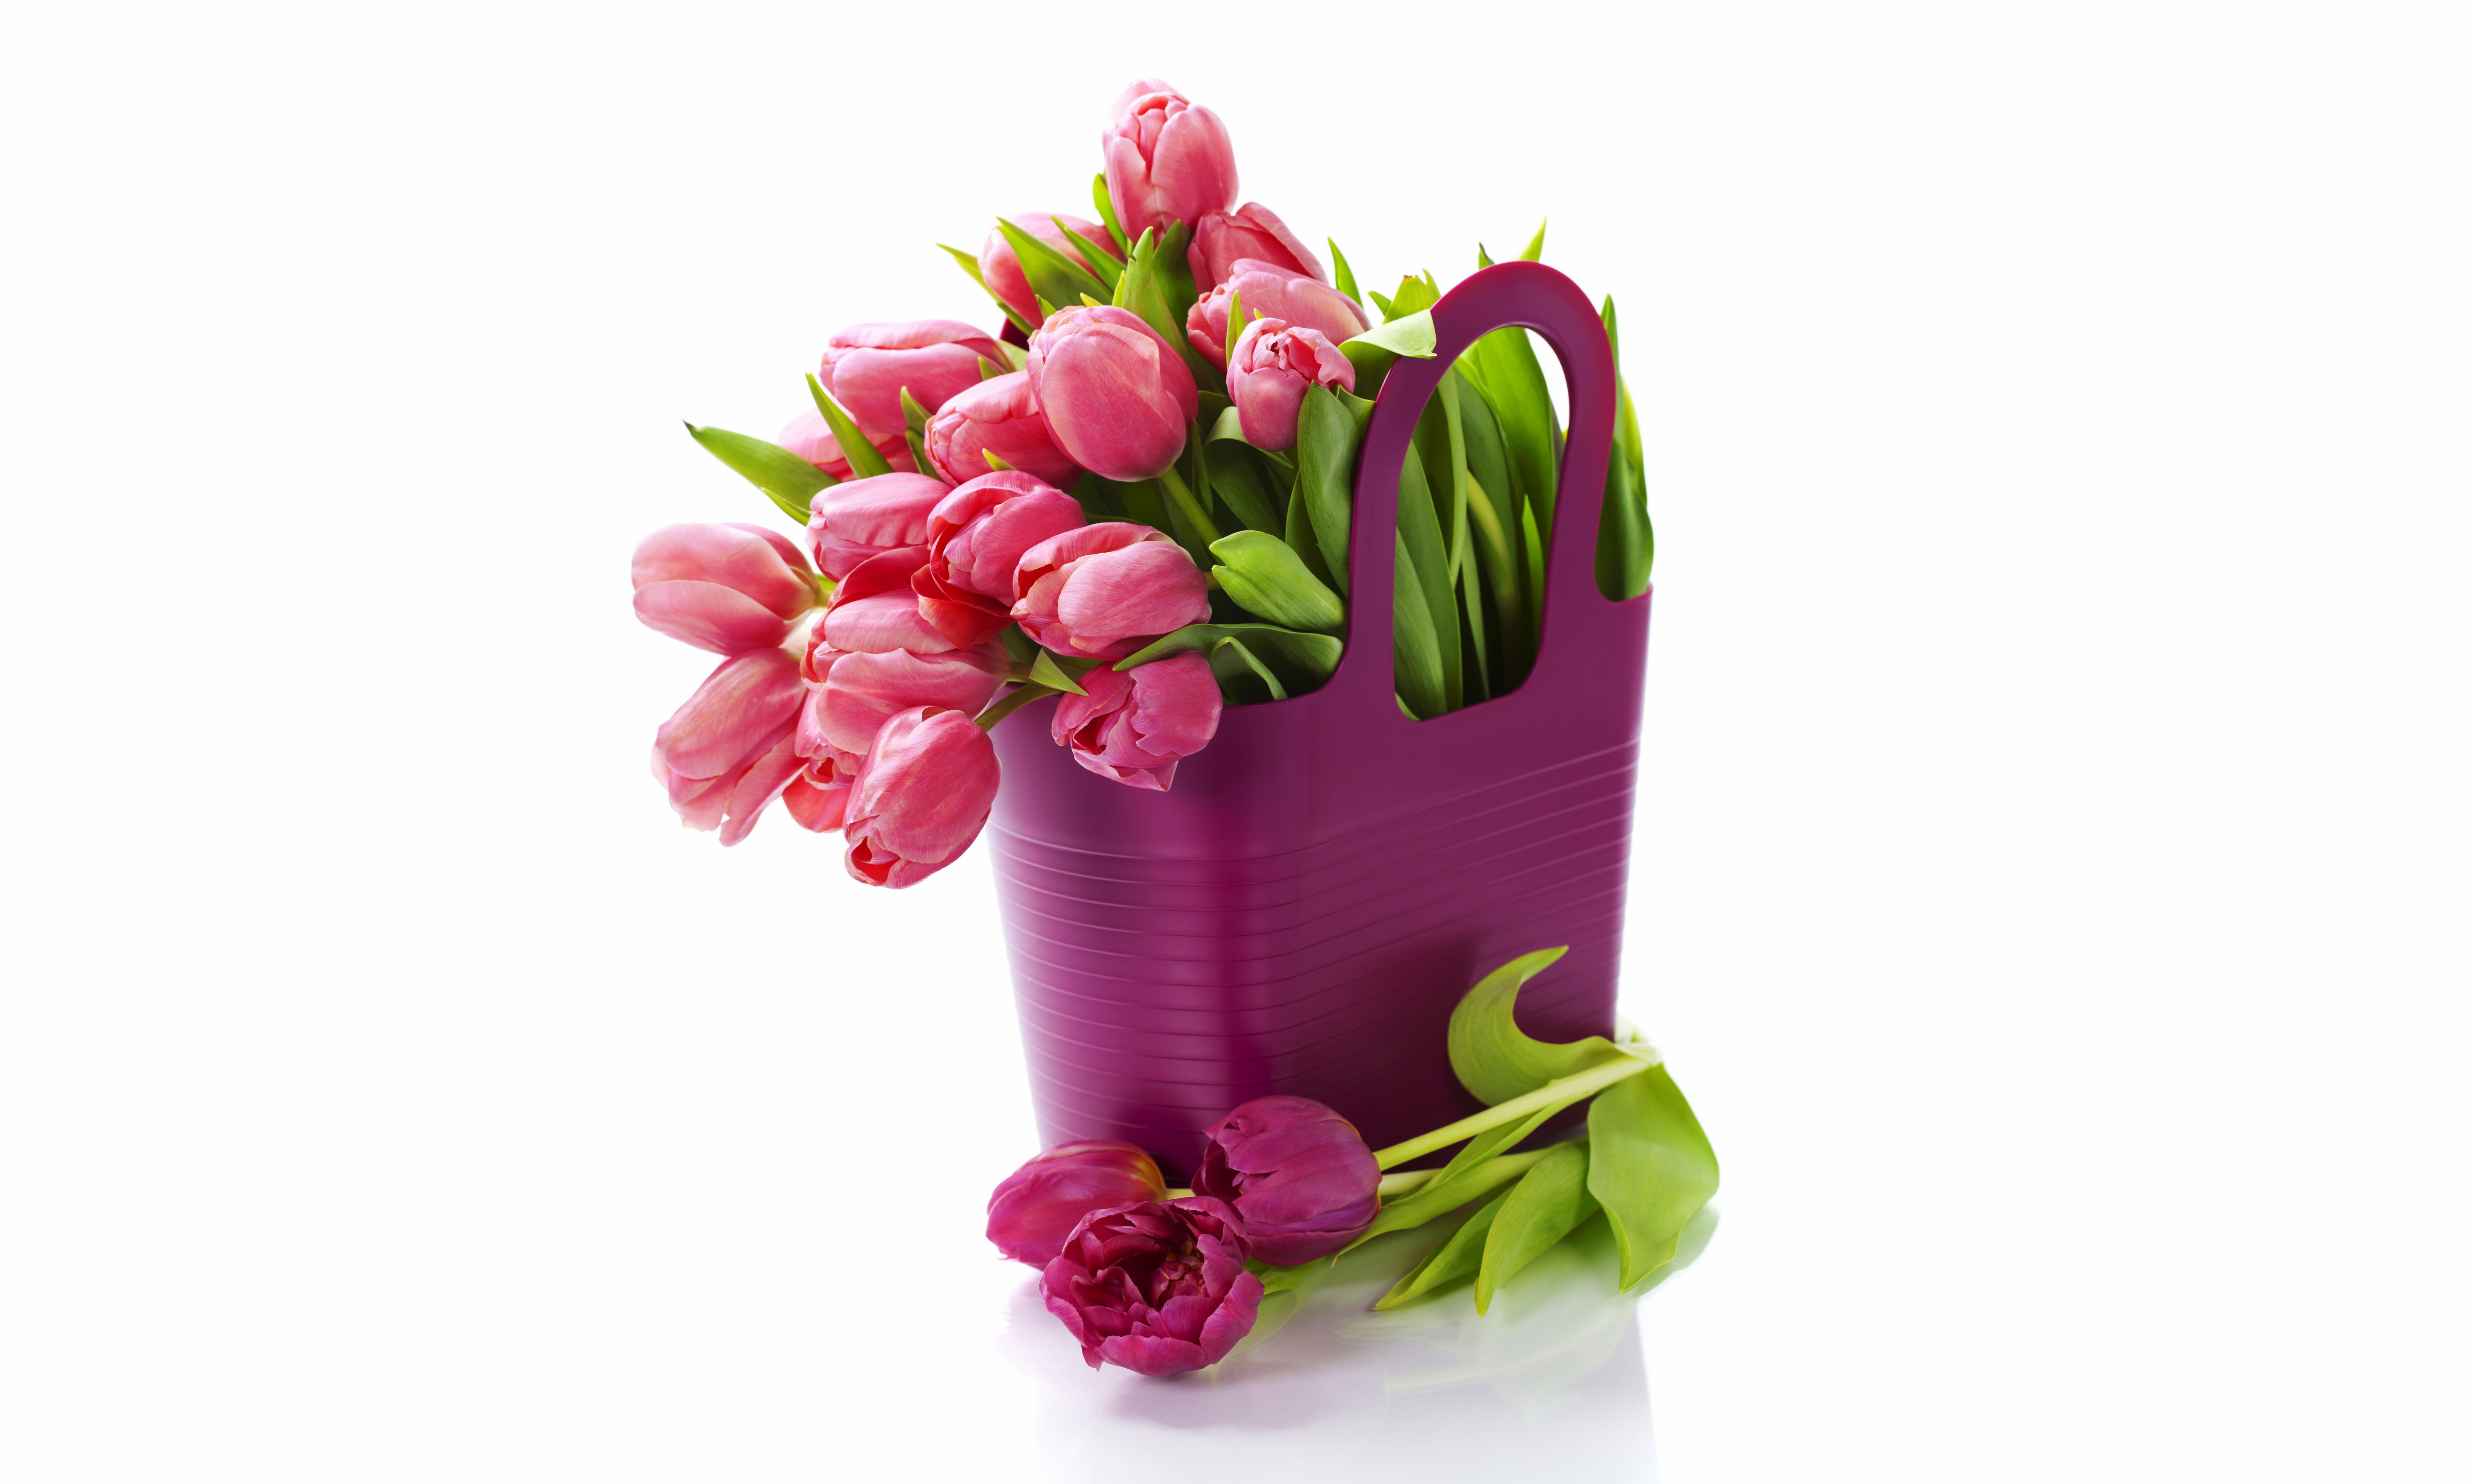 фиолетовые цветы в коробке  № 2541493 загрузить